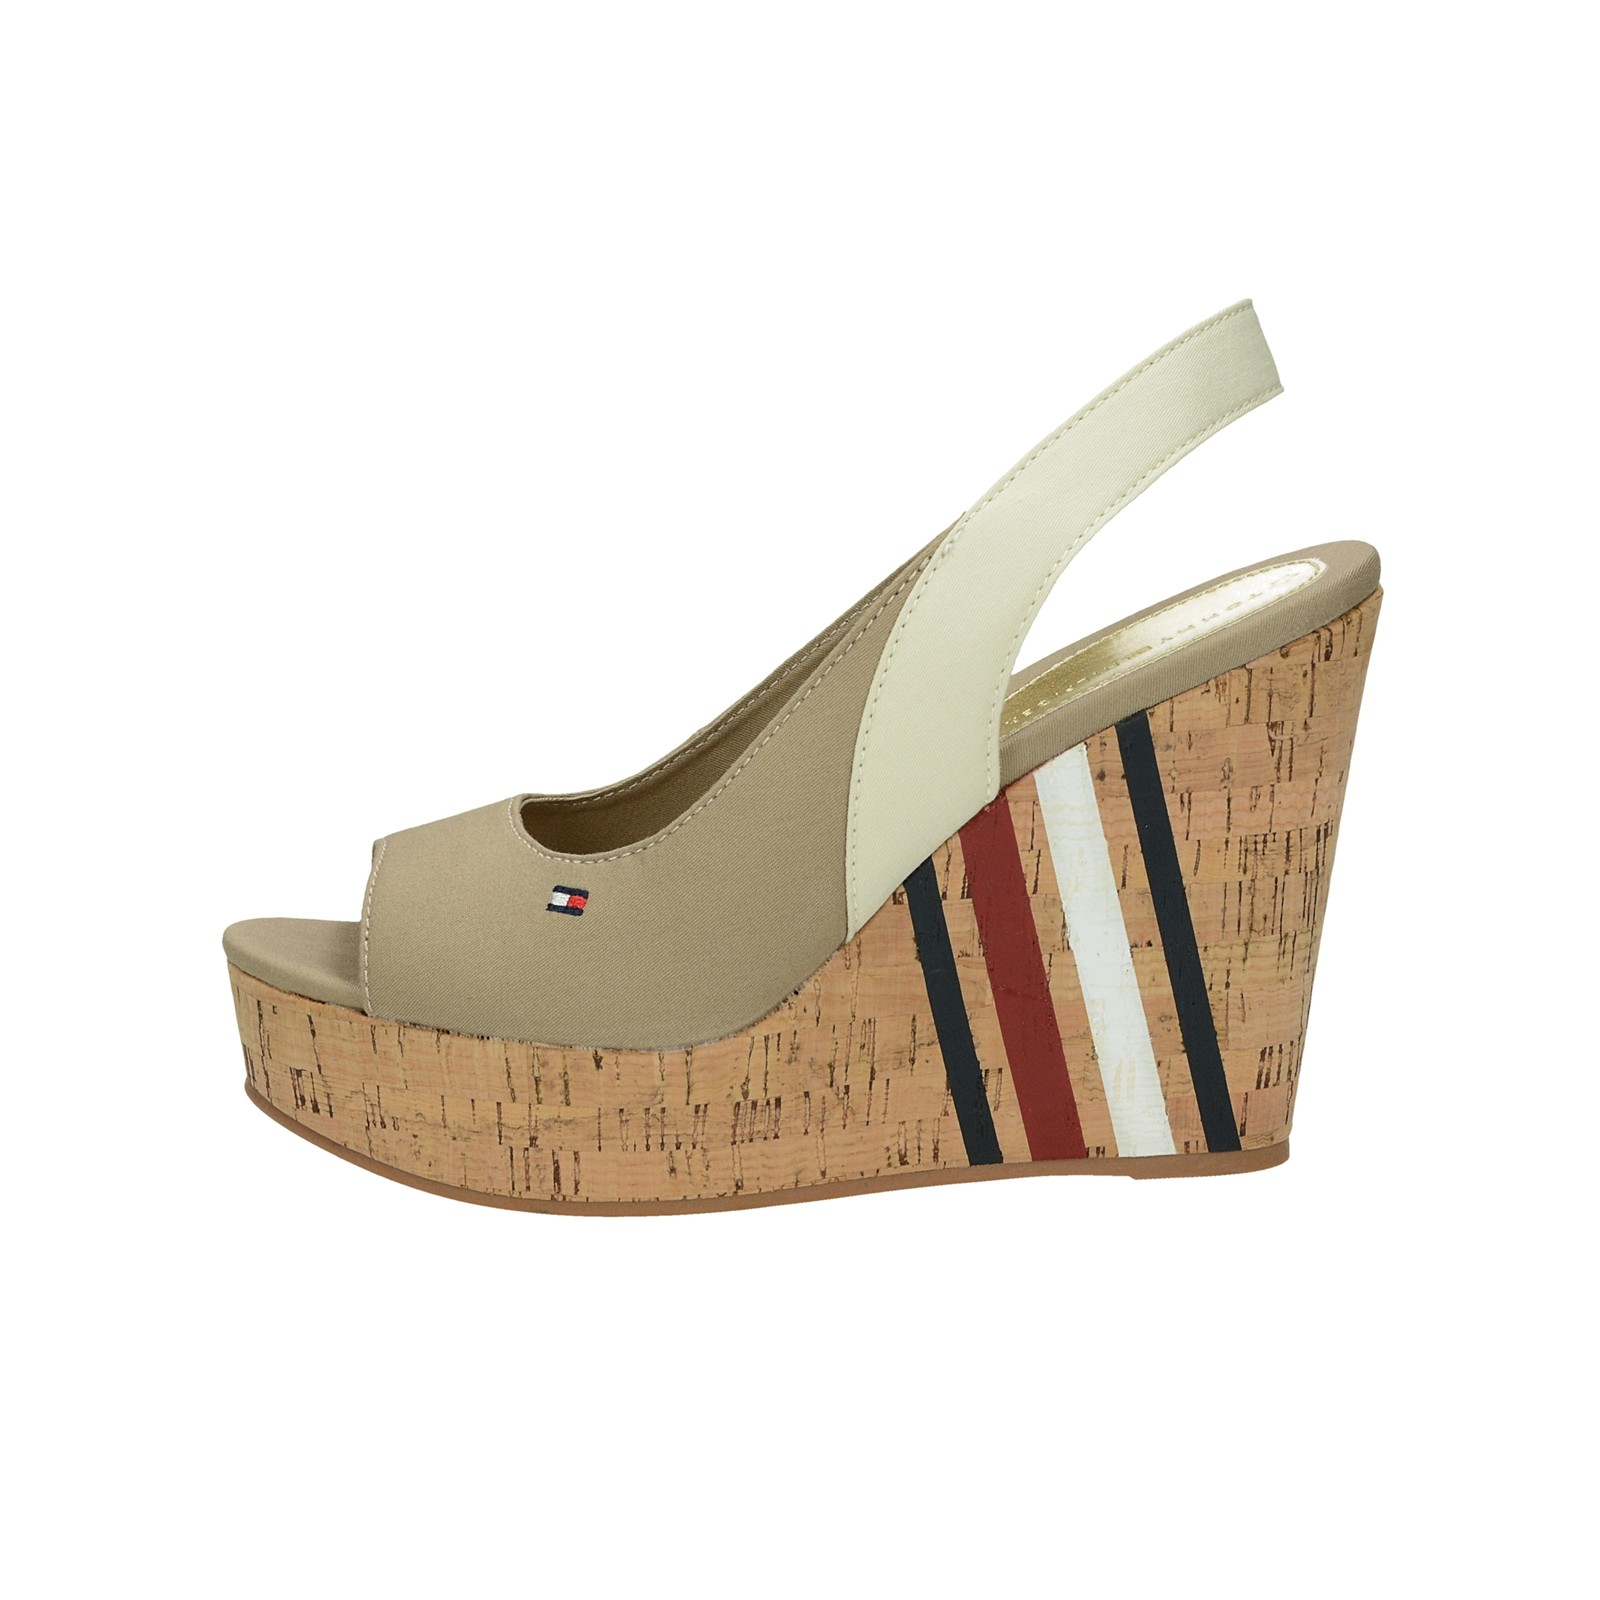 Tommy Hilfiger dámské stylové sandály na klinové podrážce - béžové